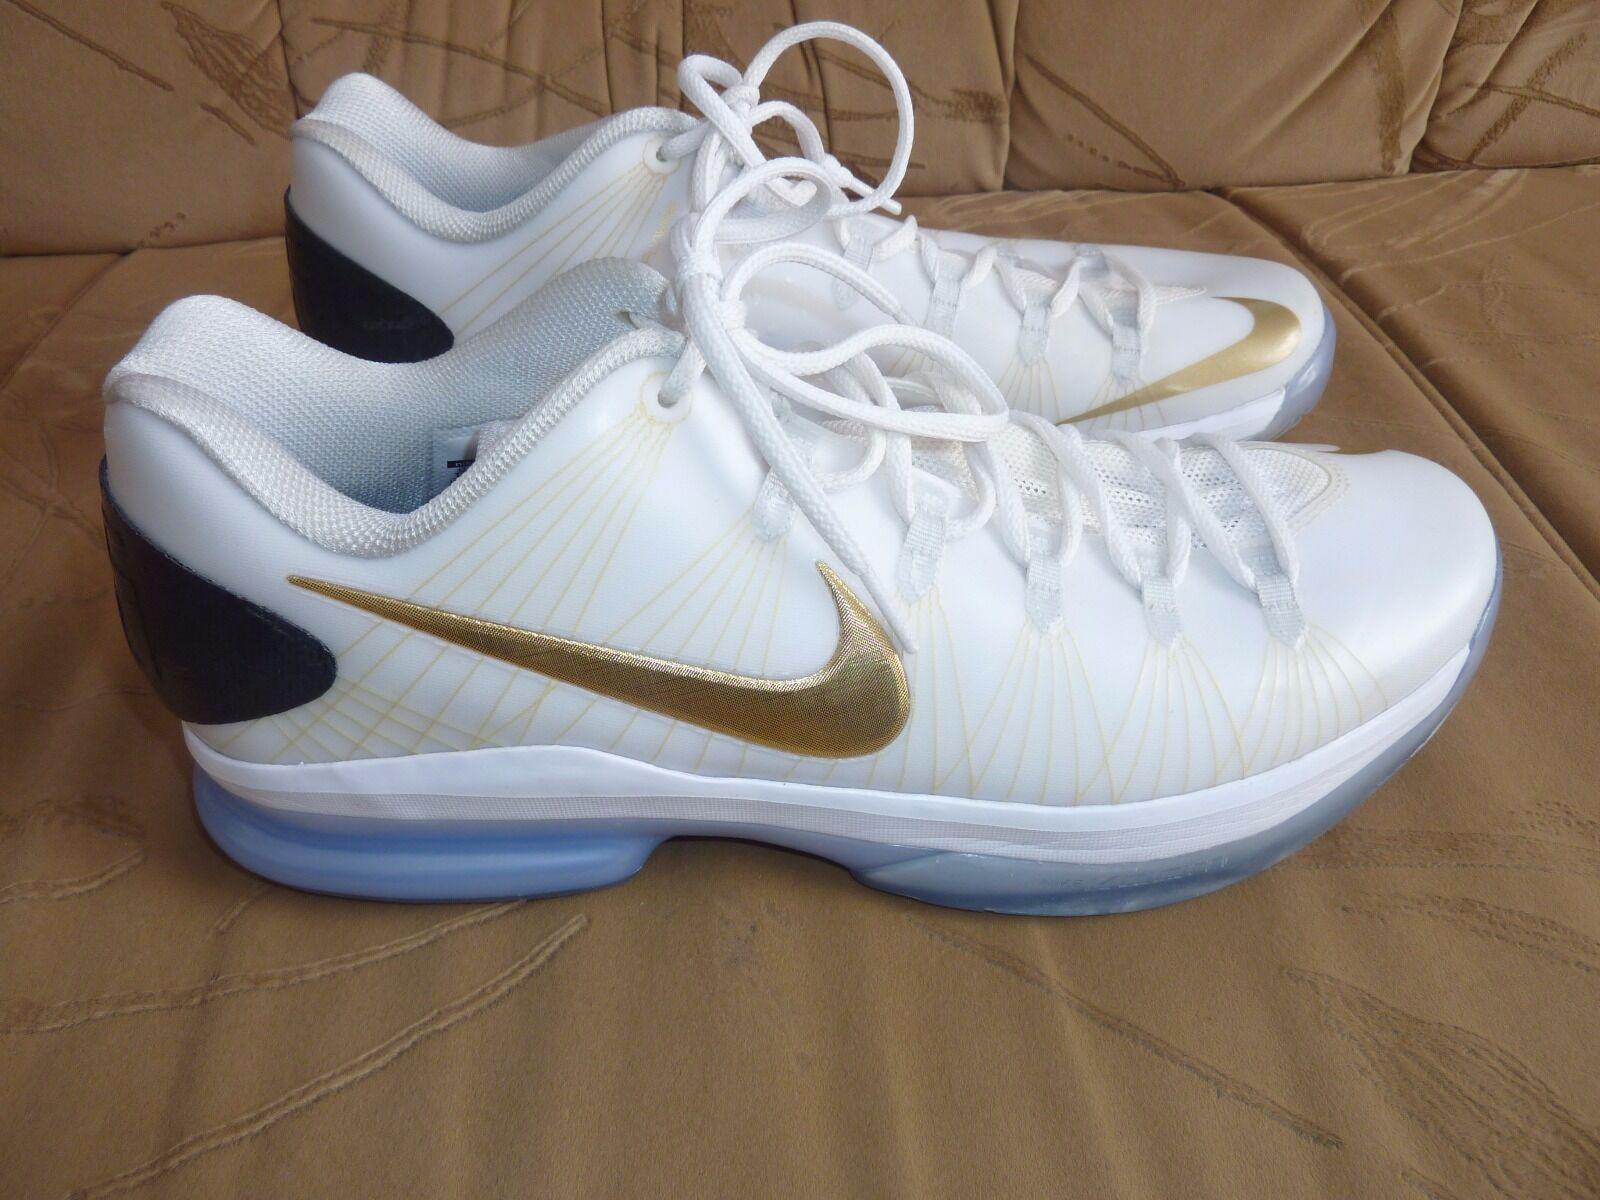 Nike KD V Elite Kevin Durant Metallic Gold Basketball Herren Gr. 45,5